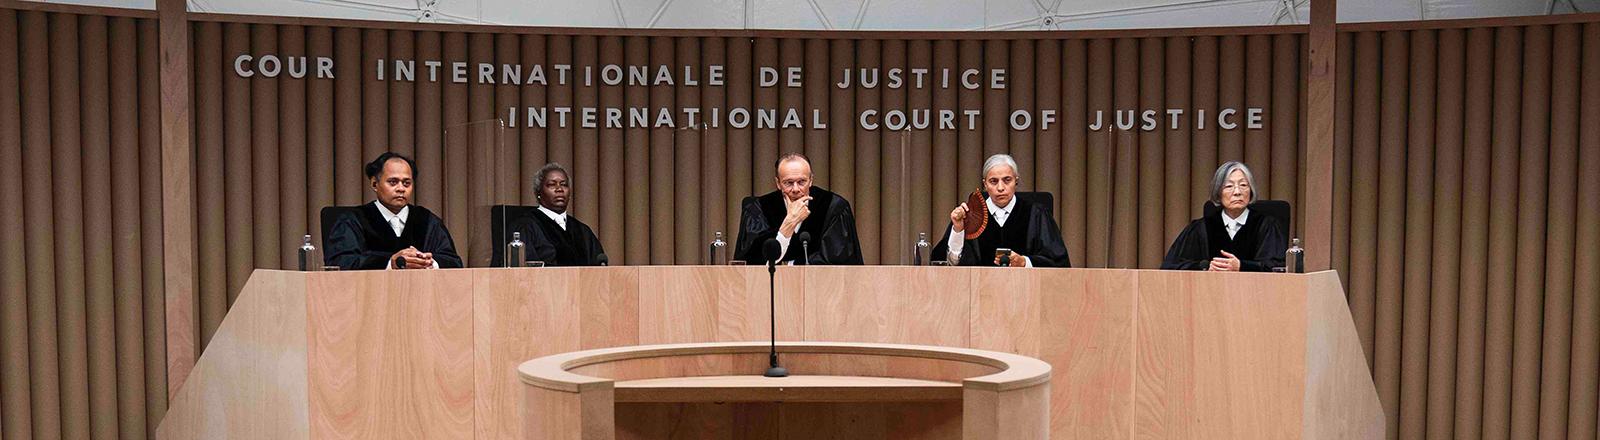 In dem Film Ökozid leiten fünf Richter und Richterinnen am Internationalen Gerichtshof die Klage gegen Deutschland.